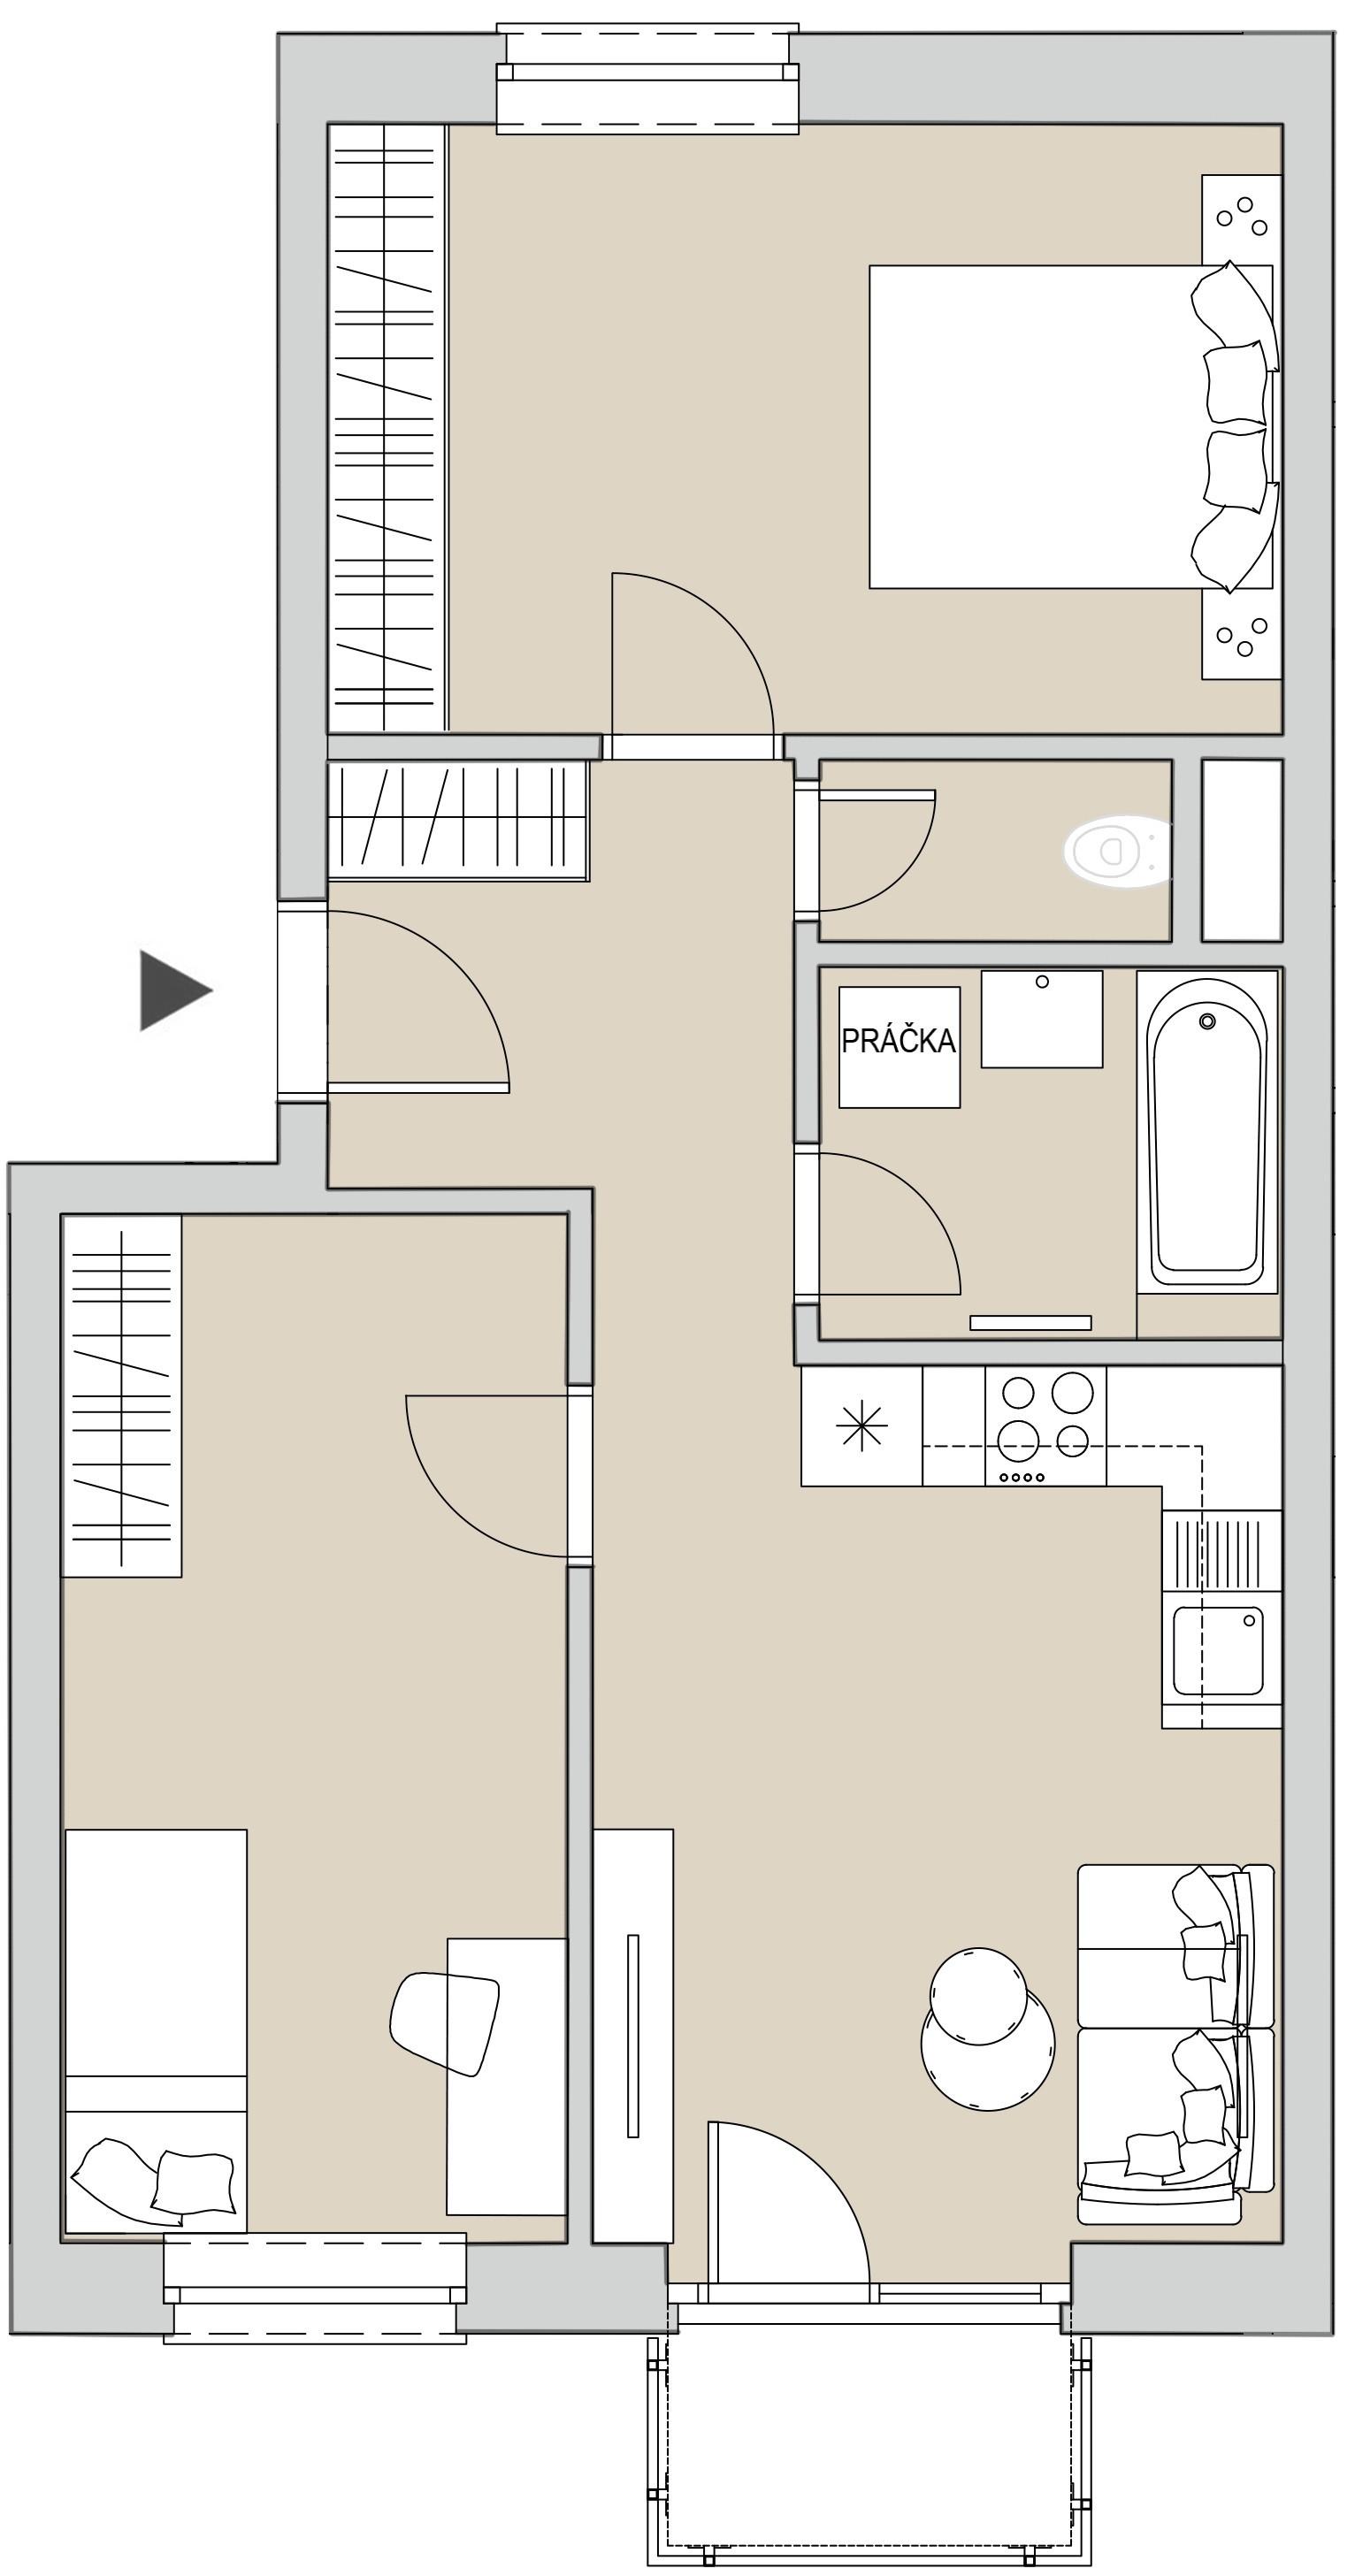 Pôdory bytu - 306 - varianta 3 - izbový